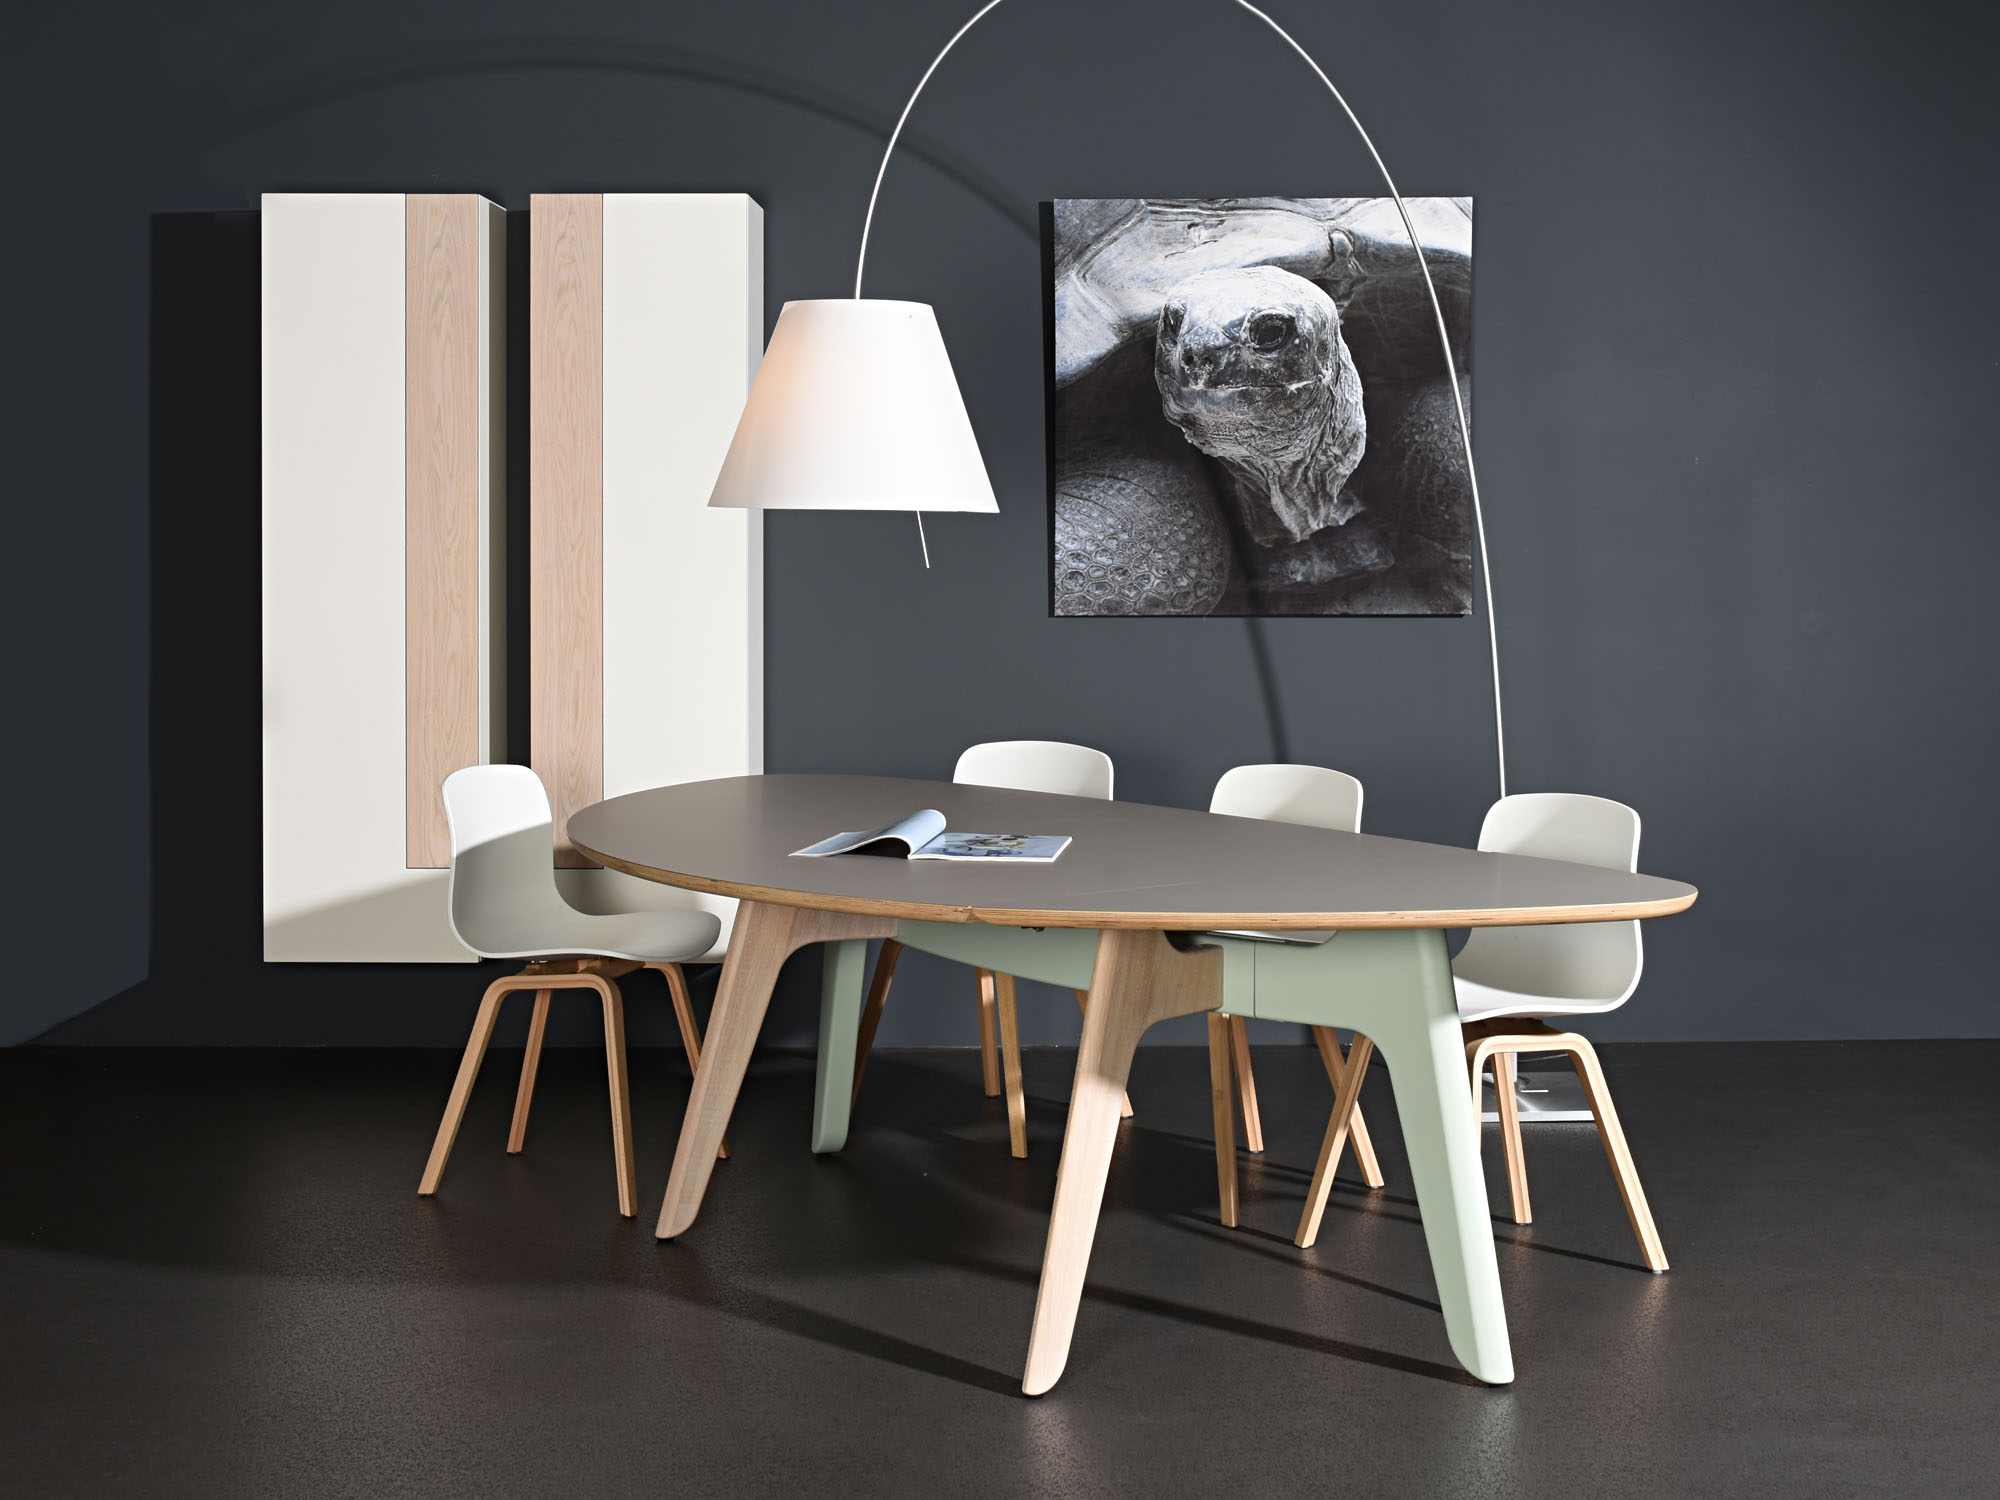 FOLIANT-tafel en SOLO-torenkasten, ontwerp door Dick Spierenburg en Castelijn Team